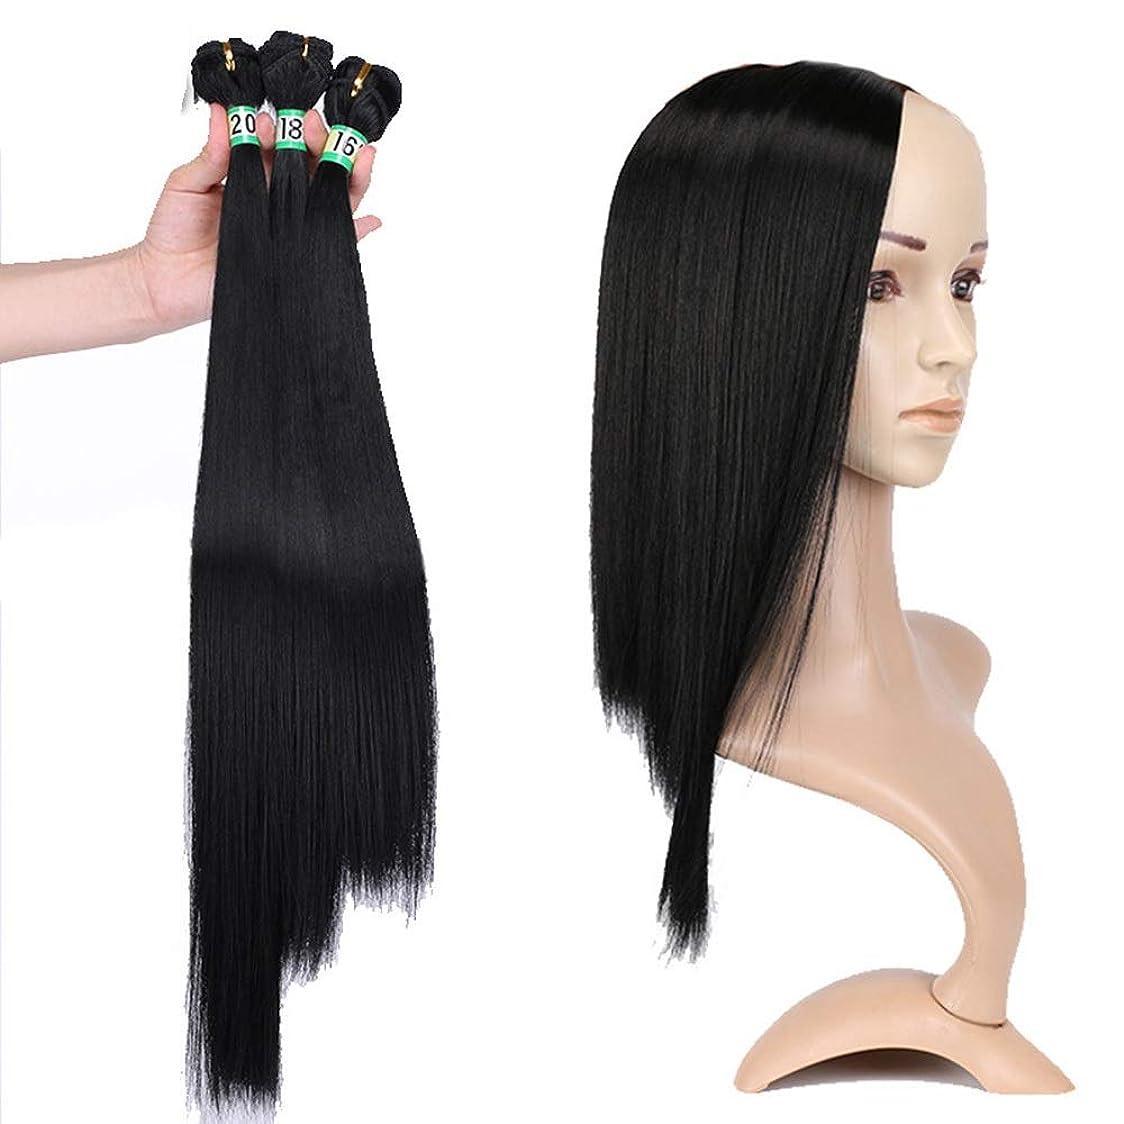 思われるパキスタン人退化するYrattary 人工毛絹のようなストレートの髪織り3バンドル - 1Bナチュラルブラックヘアエクステンション(16